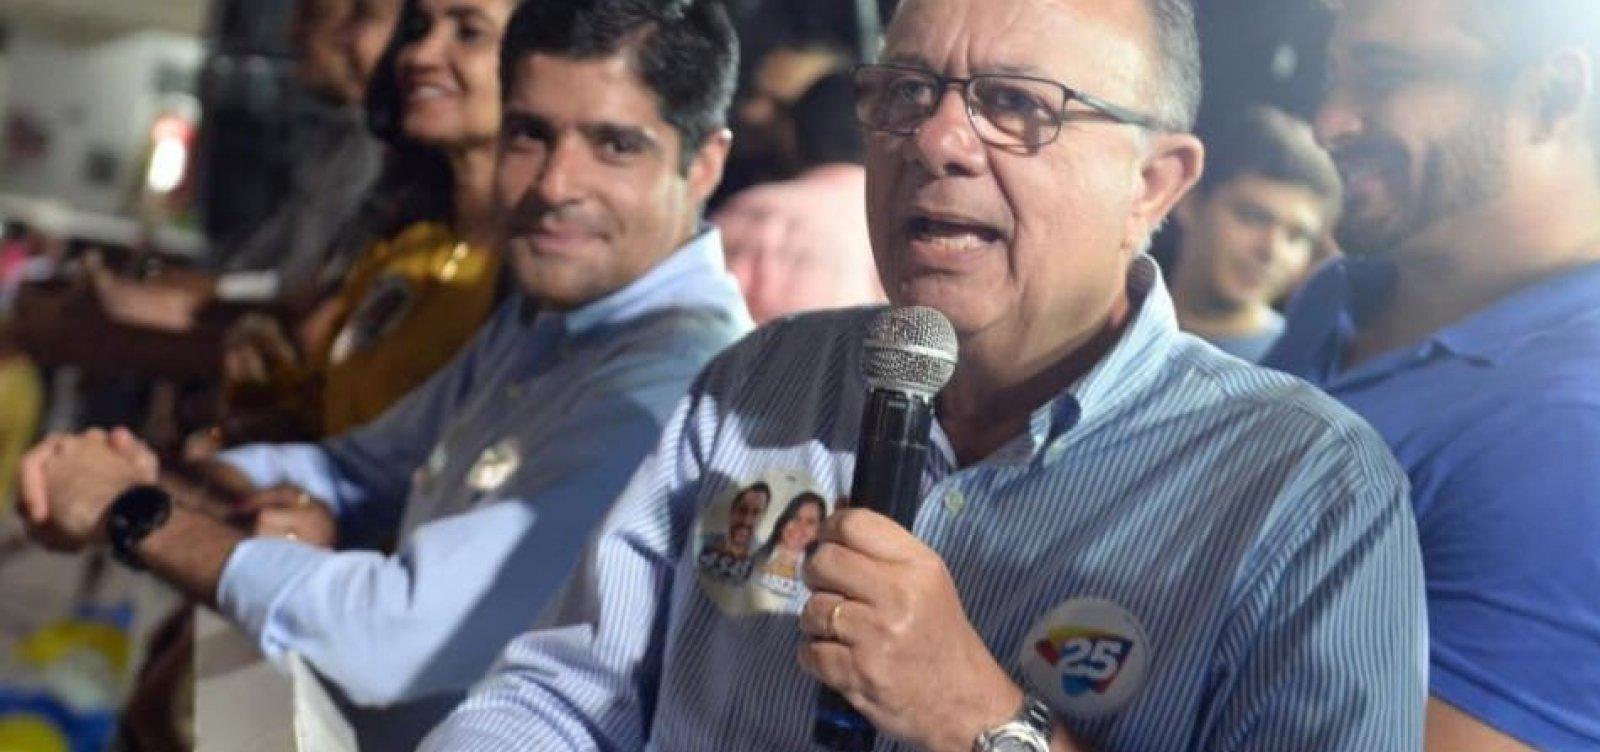 [Zé Ronaldo contraria Neto e declara apoio a Bolsonaro]